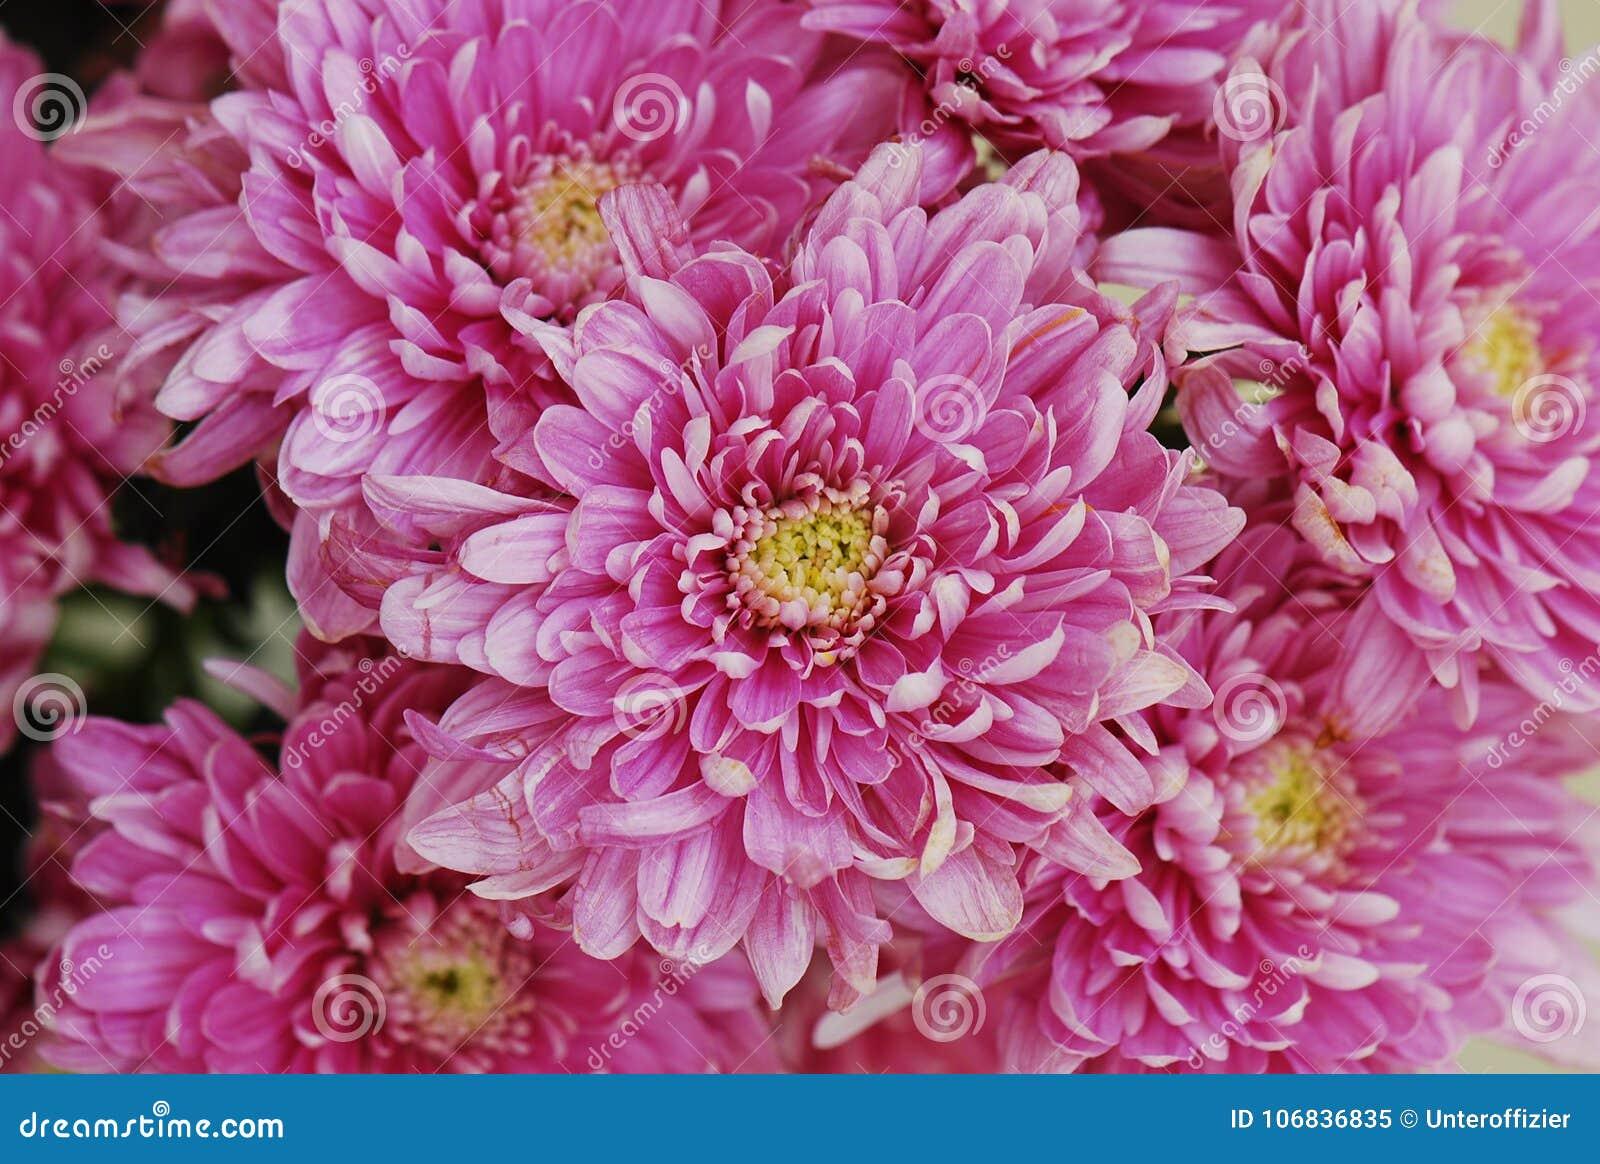 fermez-vous sur quelques fleurs rouges de chrysanthème image stock